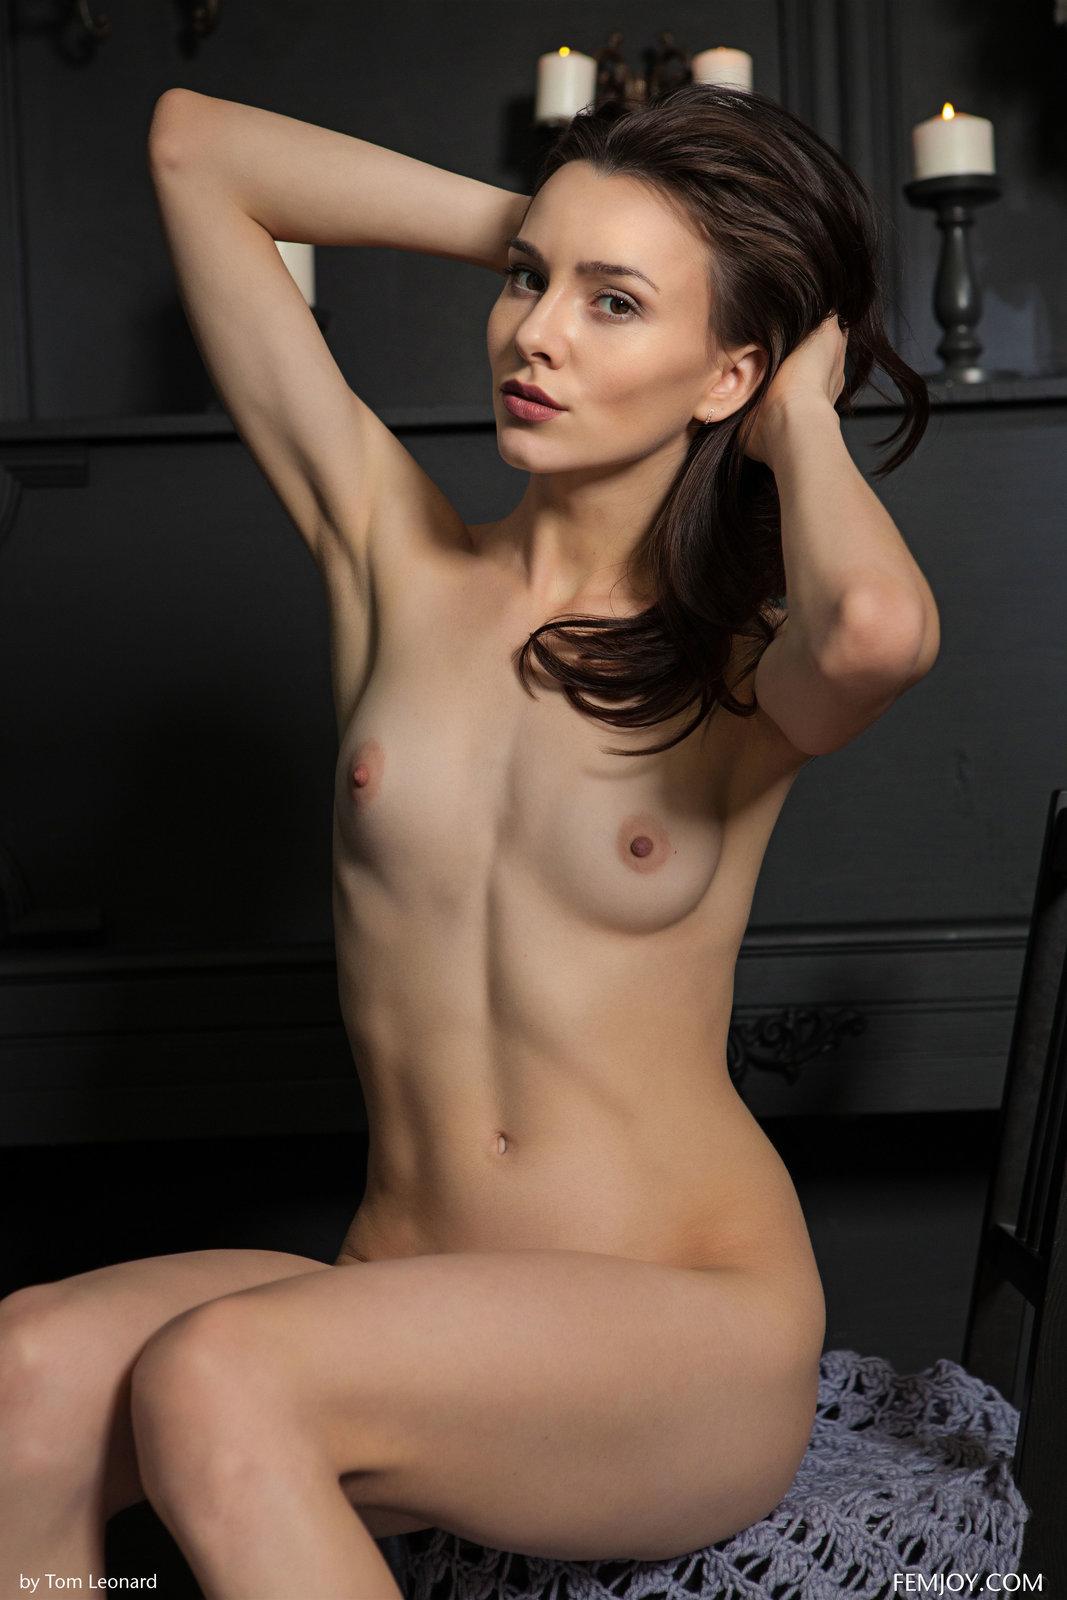 Zdjęcie porno - 1025 - Słodki uśmiech i sterczące sutki